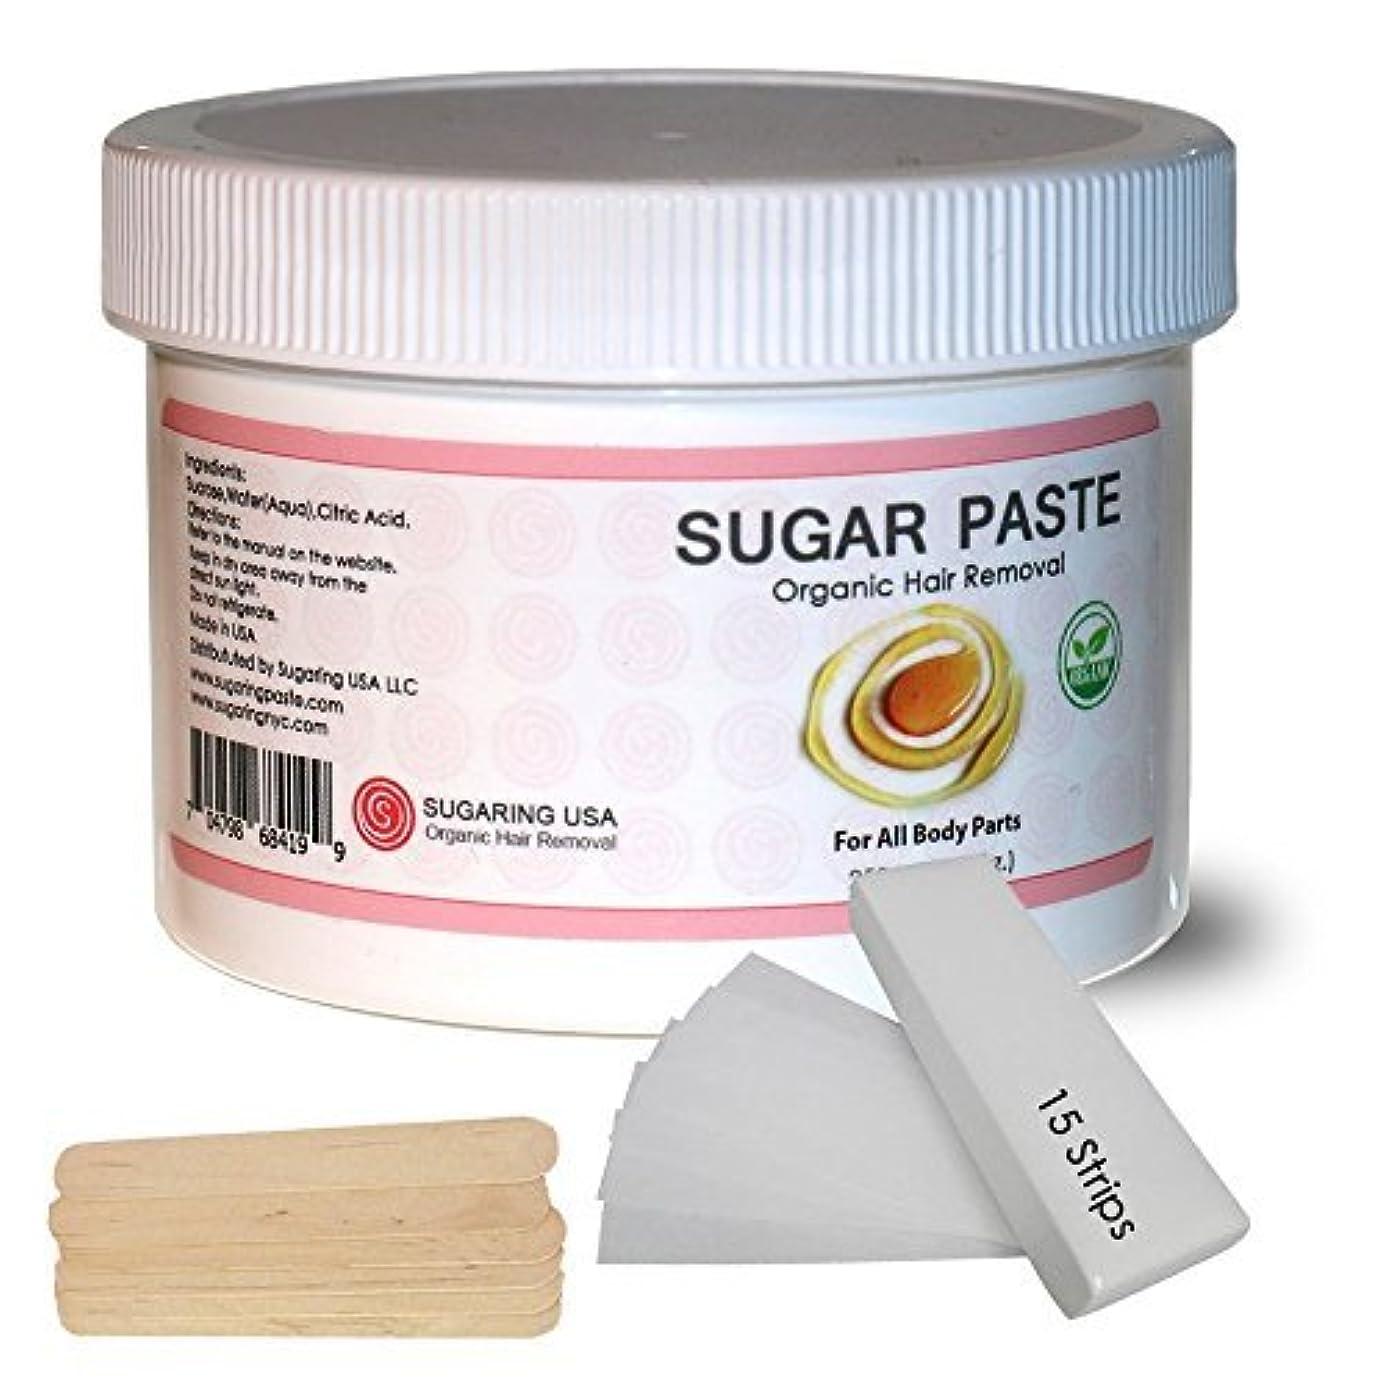 甥バケット罪悪感Sugaring Hair Removal Paste at Home Kit - (Strips Applicator Sticks) Large350g (12oz.) [並行輸入品]